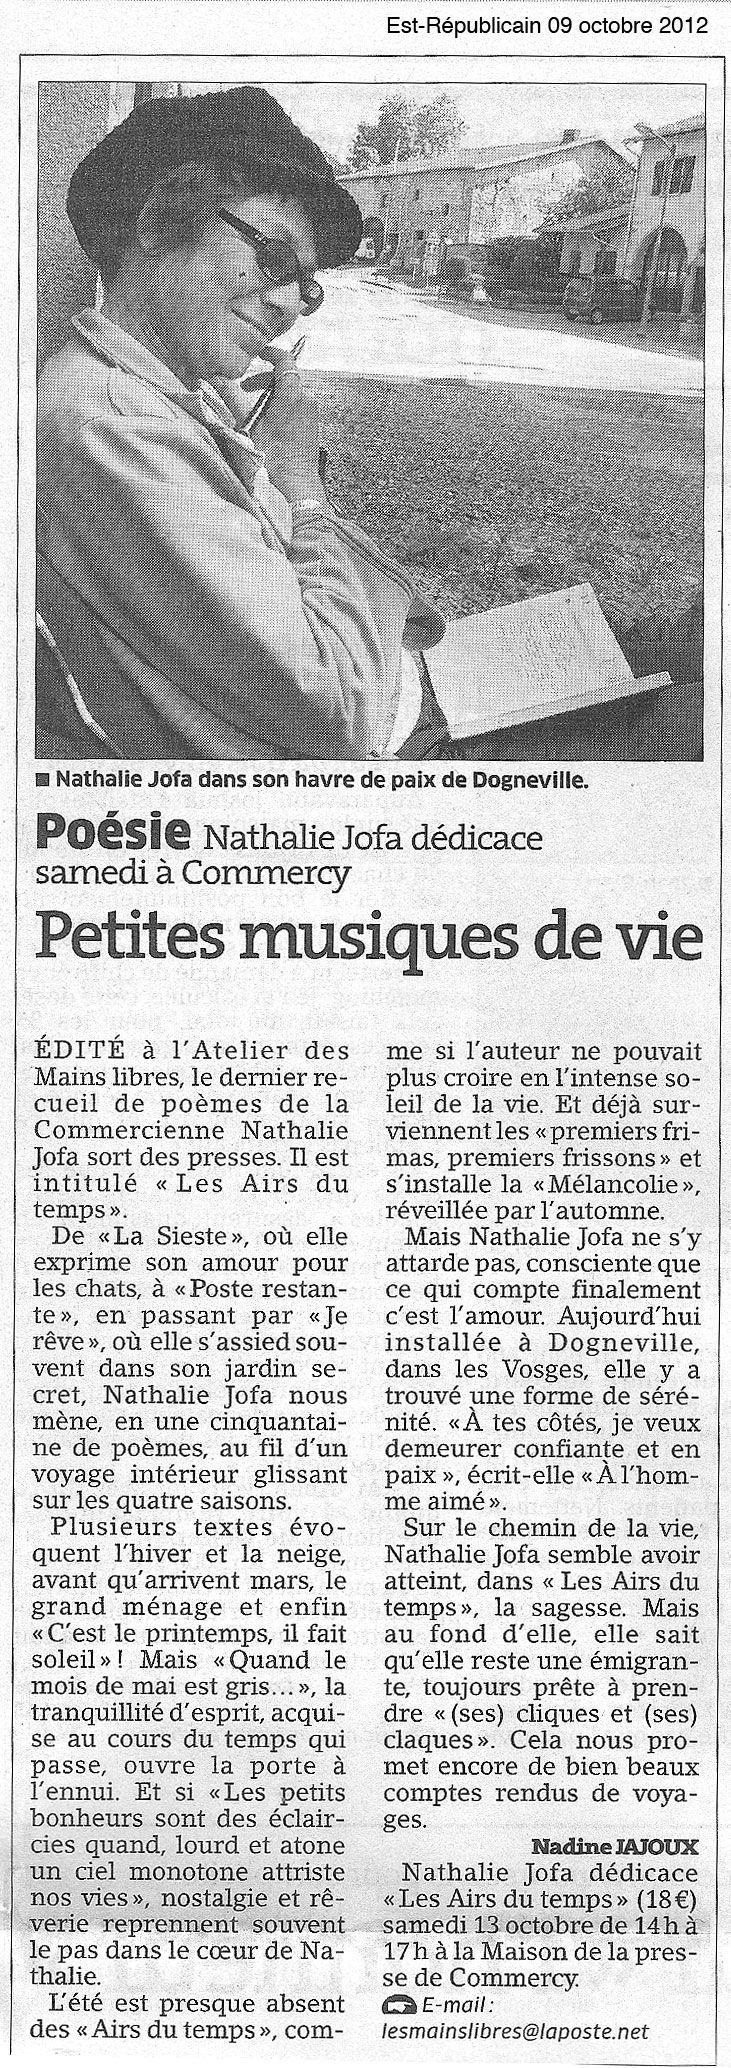 Article paru dans l'Est Républicain dans * JOFA Nathalie nat